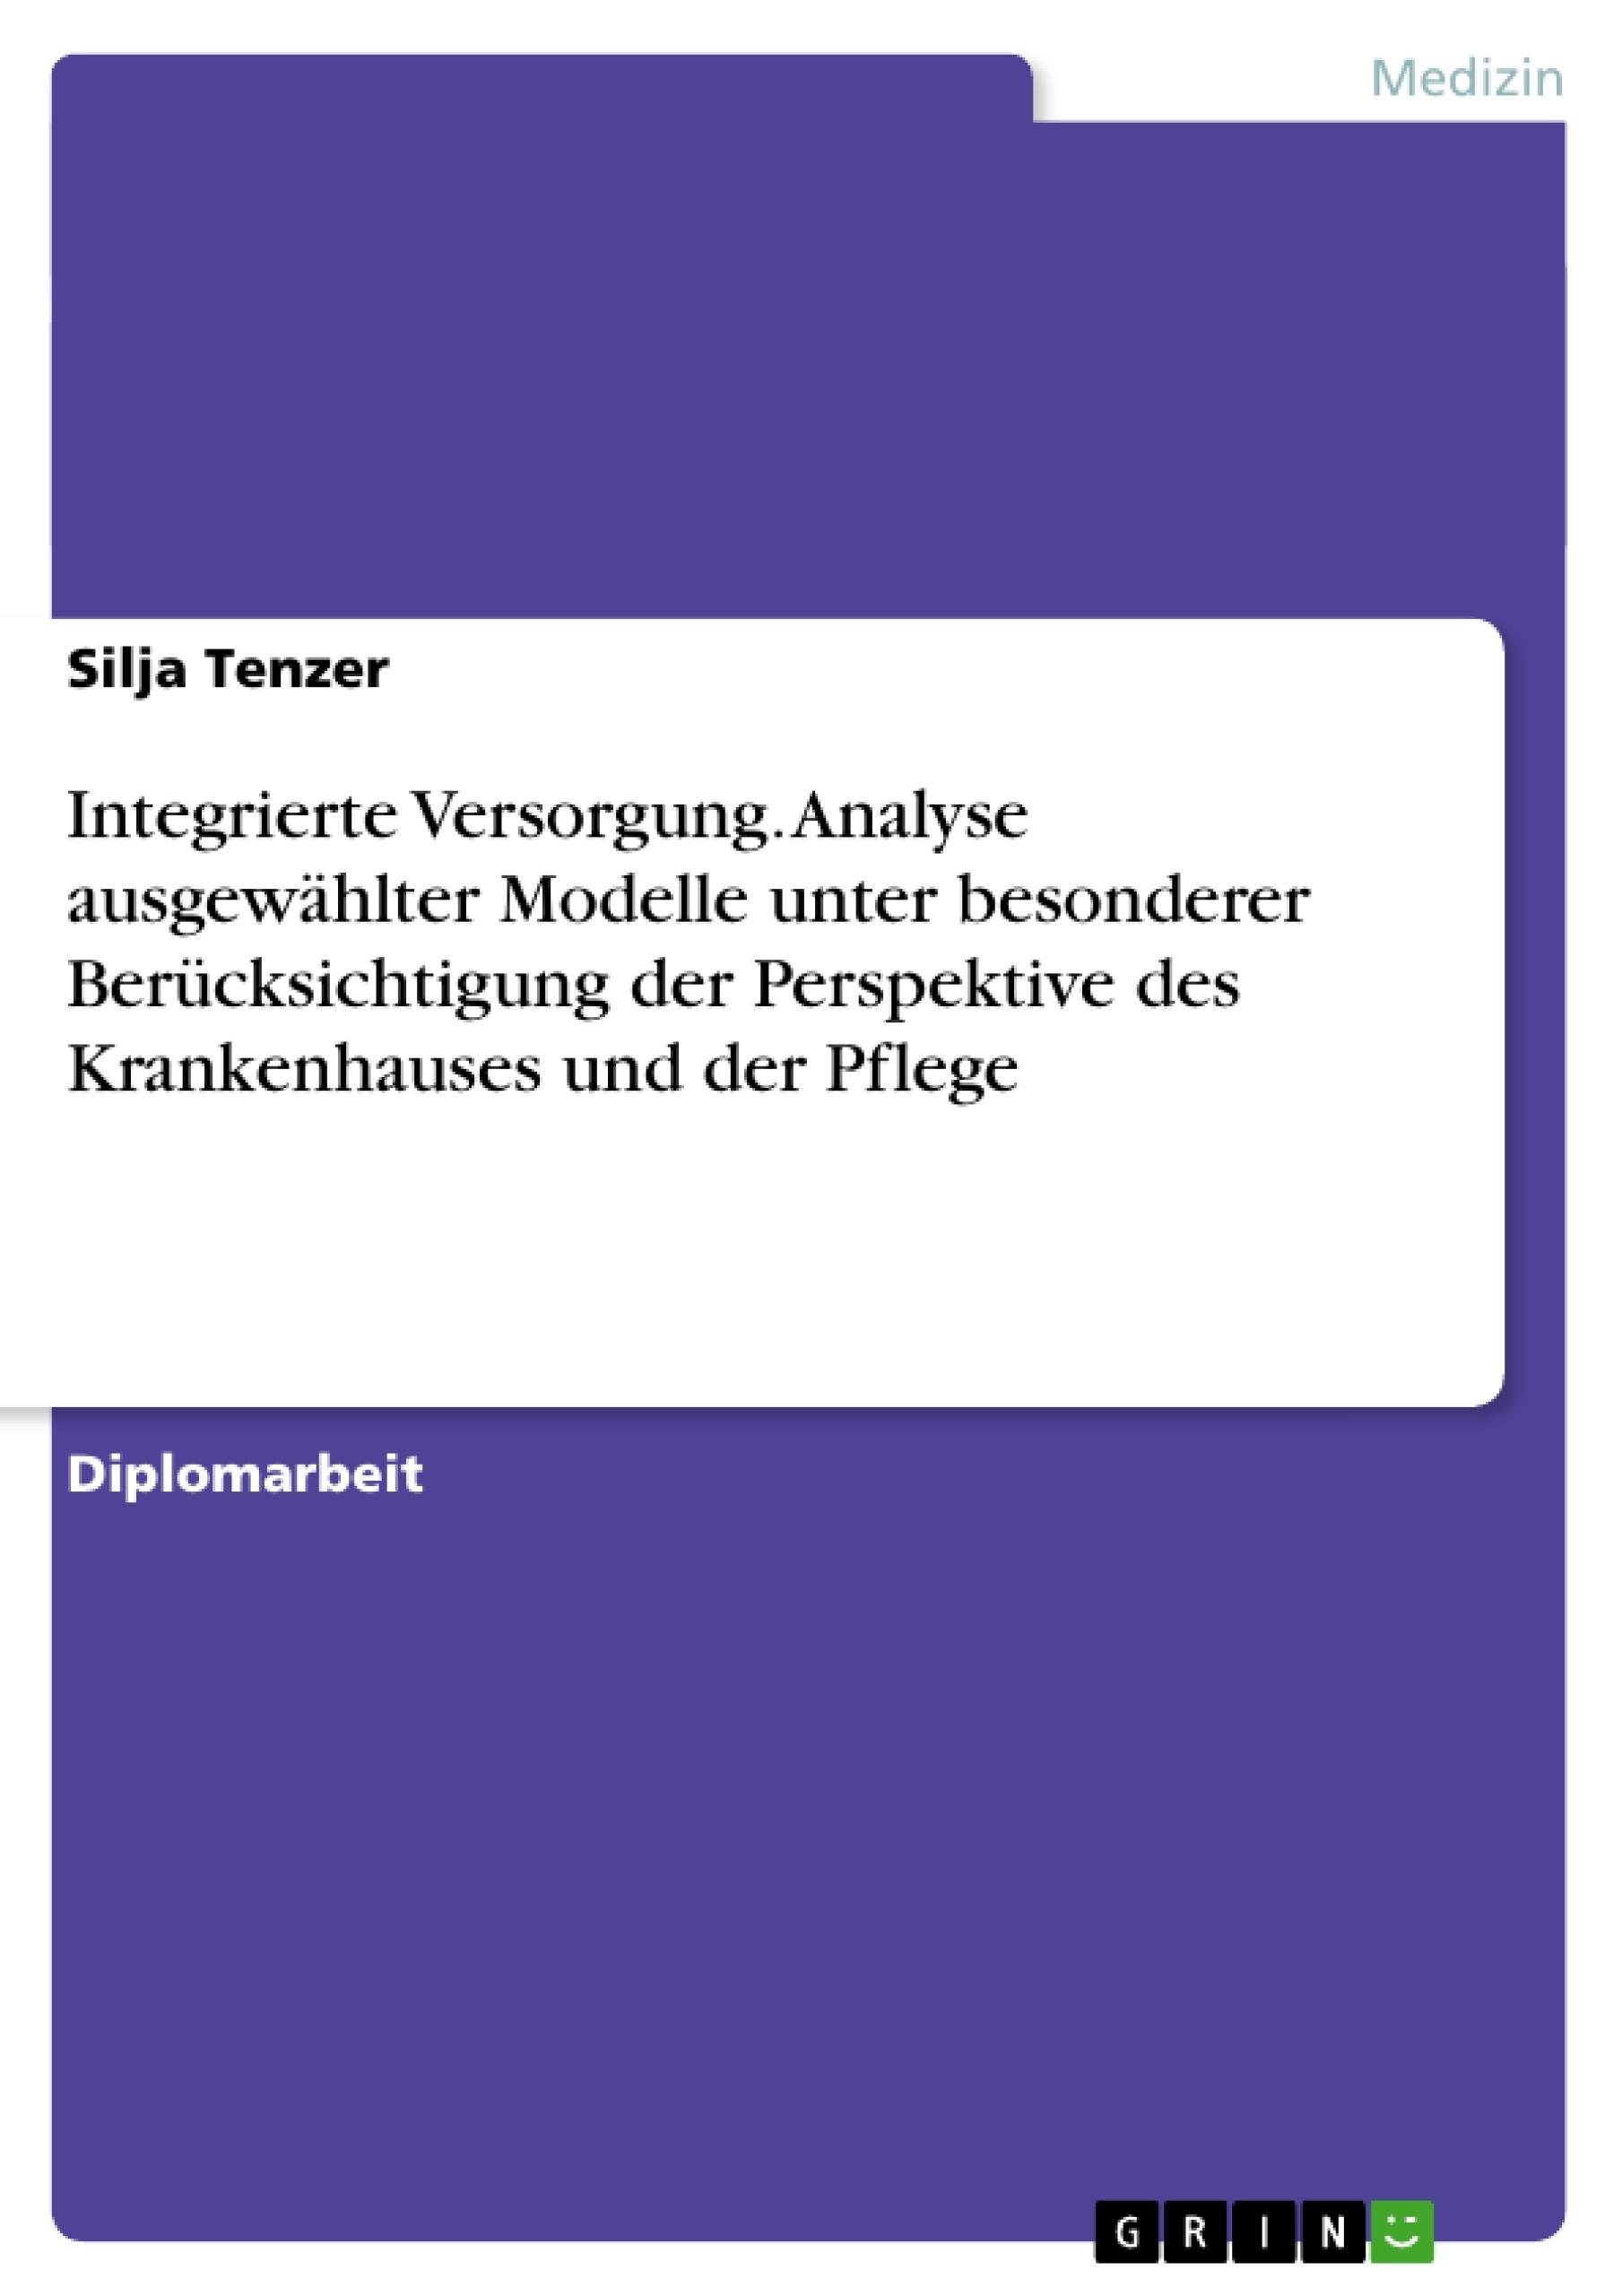 Titel: Integrierte Versorgung. Analyse ausgewählter Modelle unter besonderer Berücksichtigung der Perspektive des Krankenhauses und der Pflege